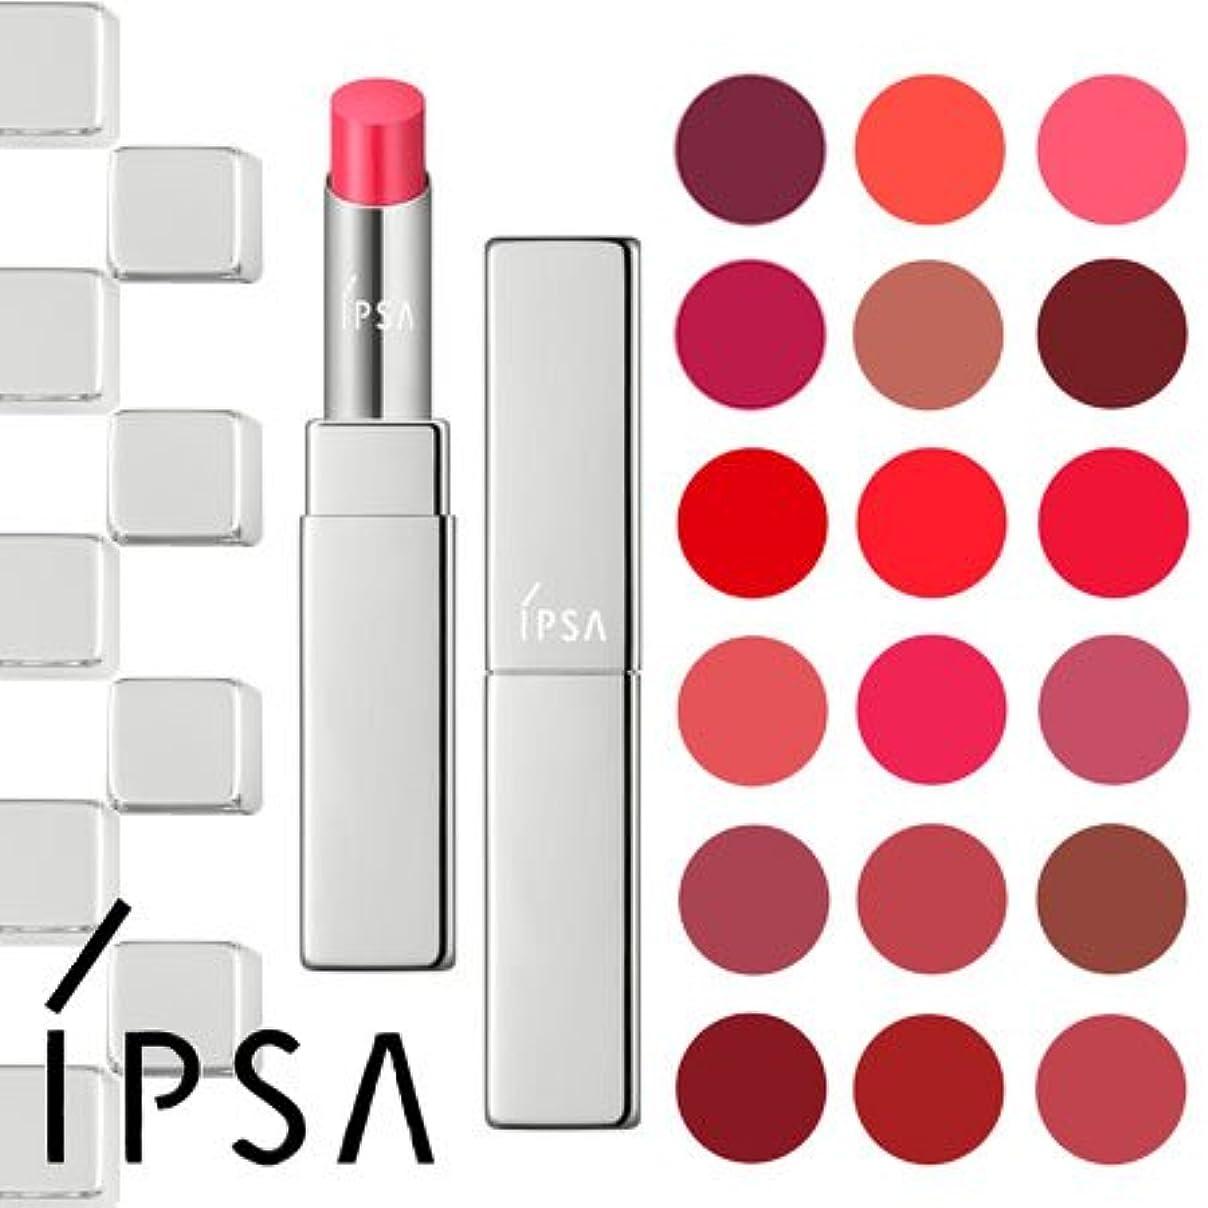 機動当社無効イプサ リップスティック -IPSA- C01